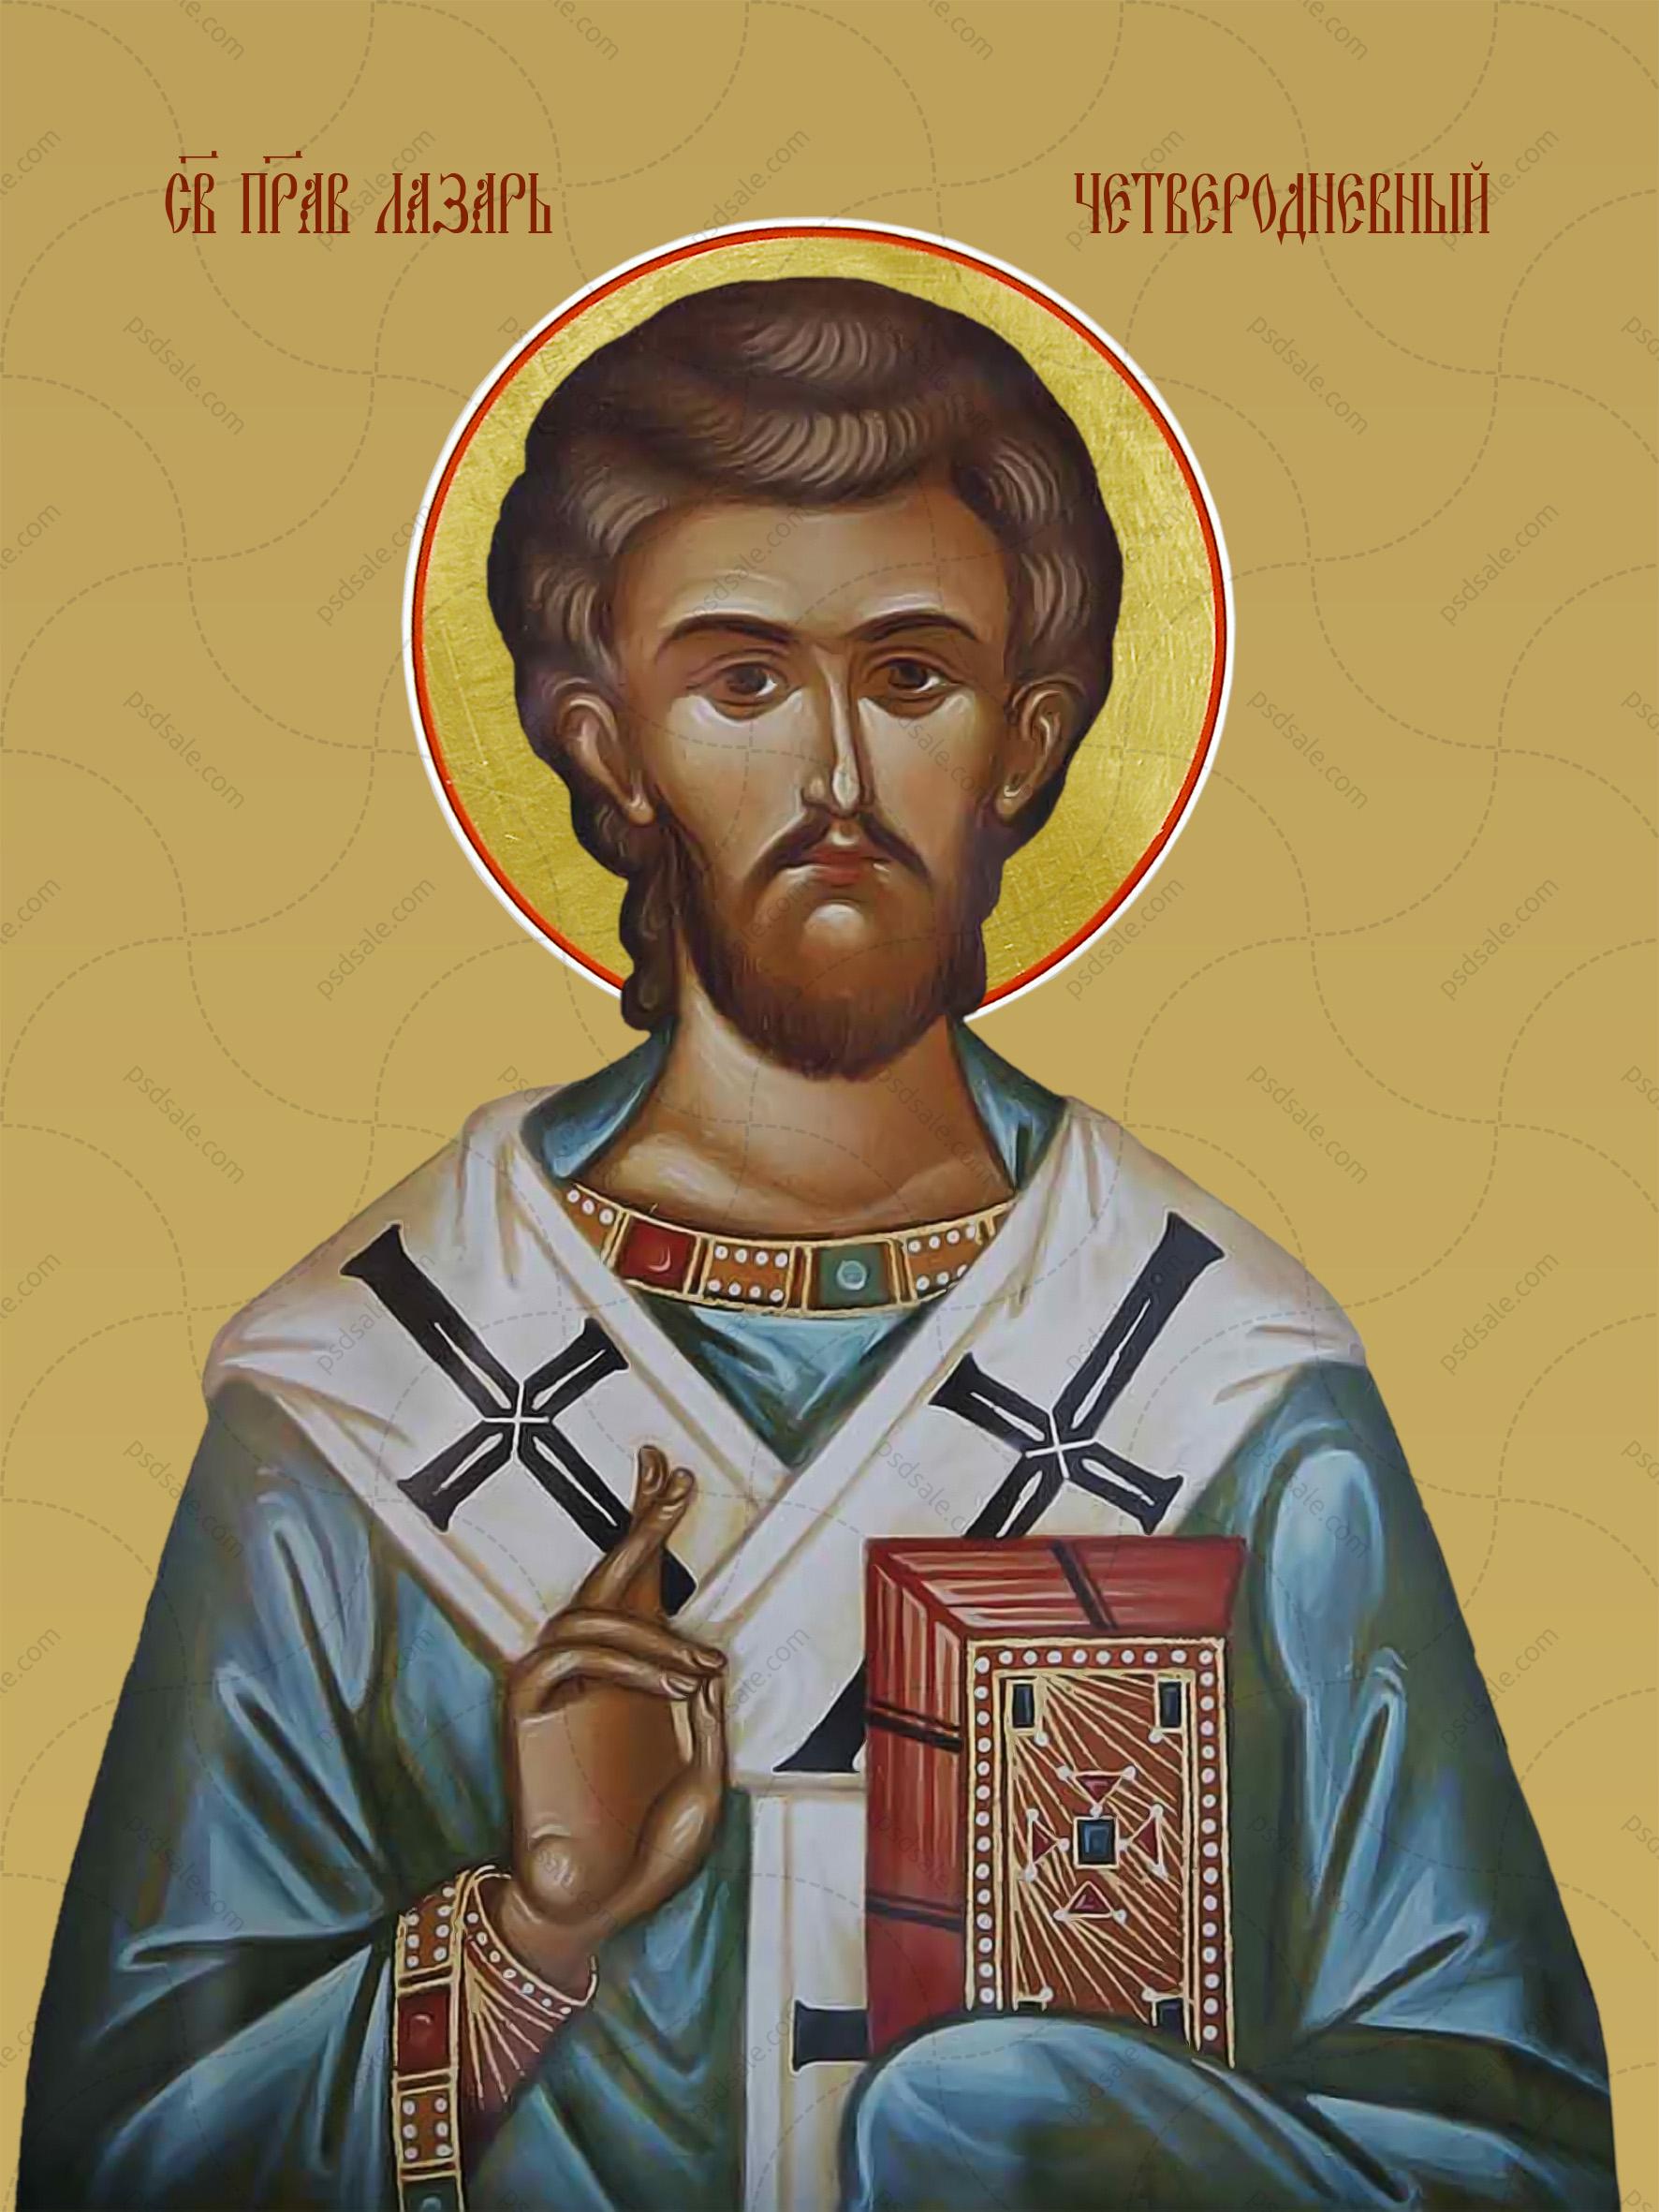 Лазарь Четверодневный, святой